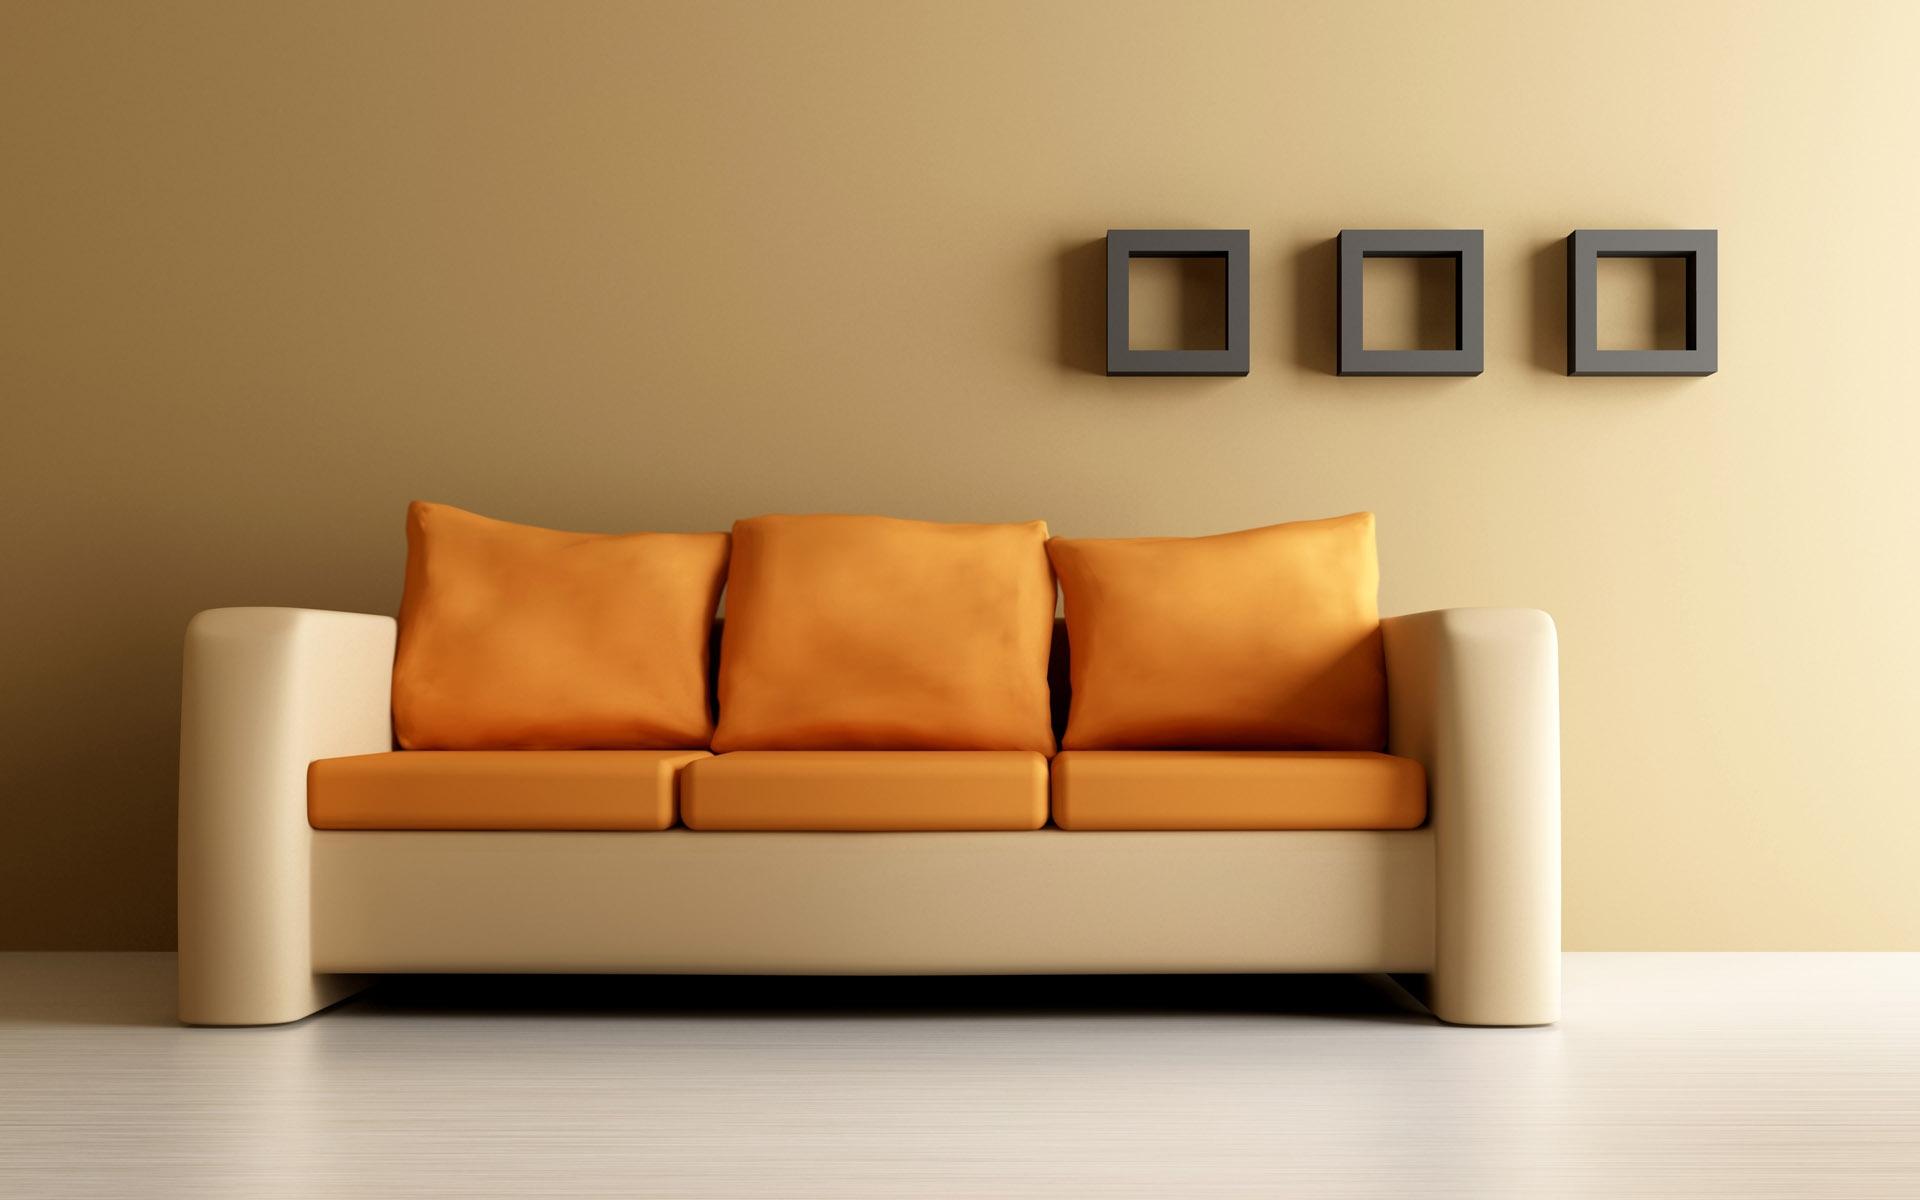 Wunderbar Moderne Wände Referenz Von Zimmer Bett Couch Regale Innenarchitektur Sofa Entwurf